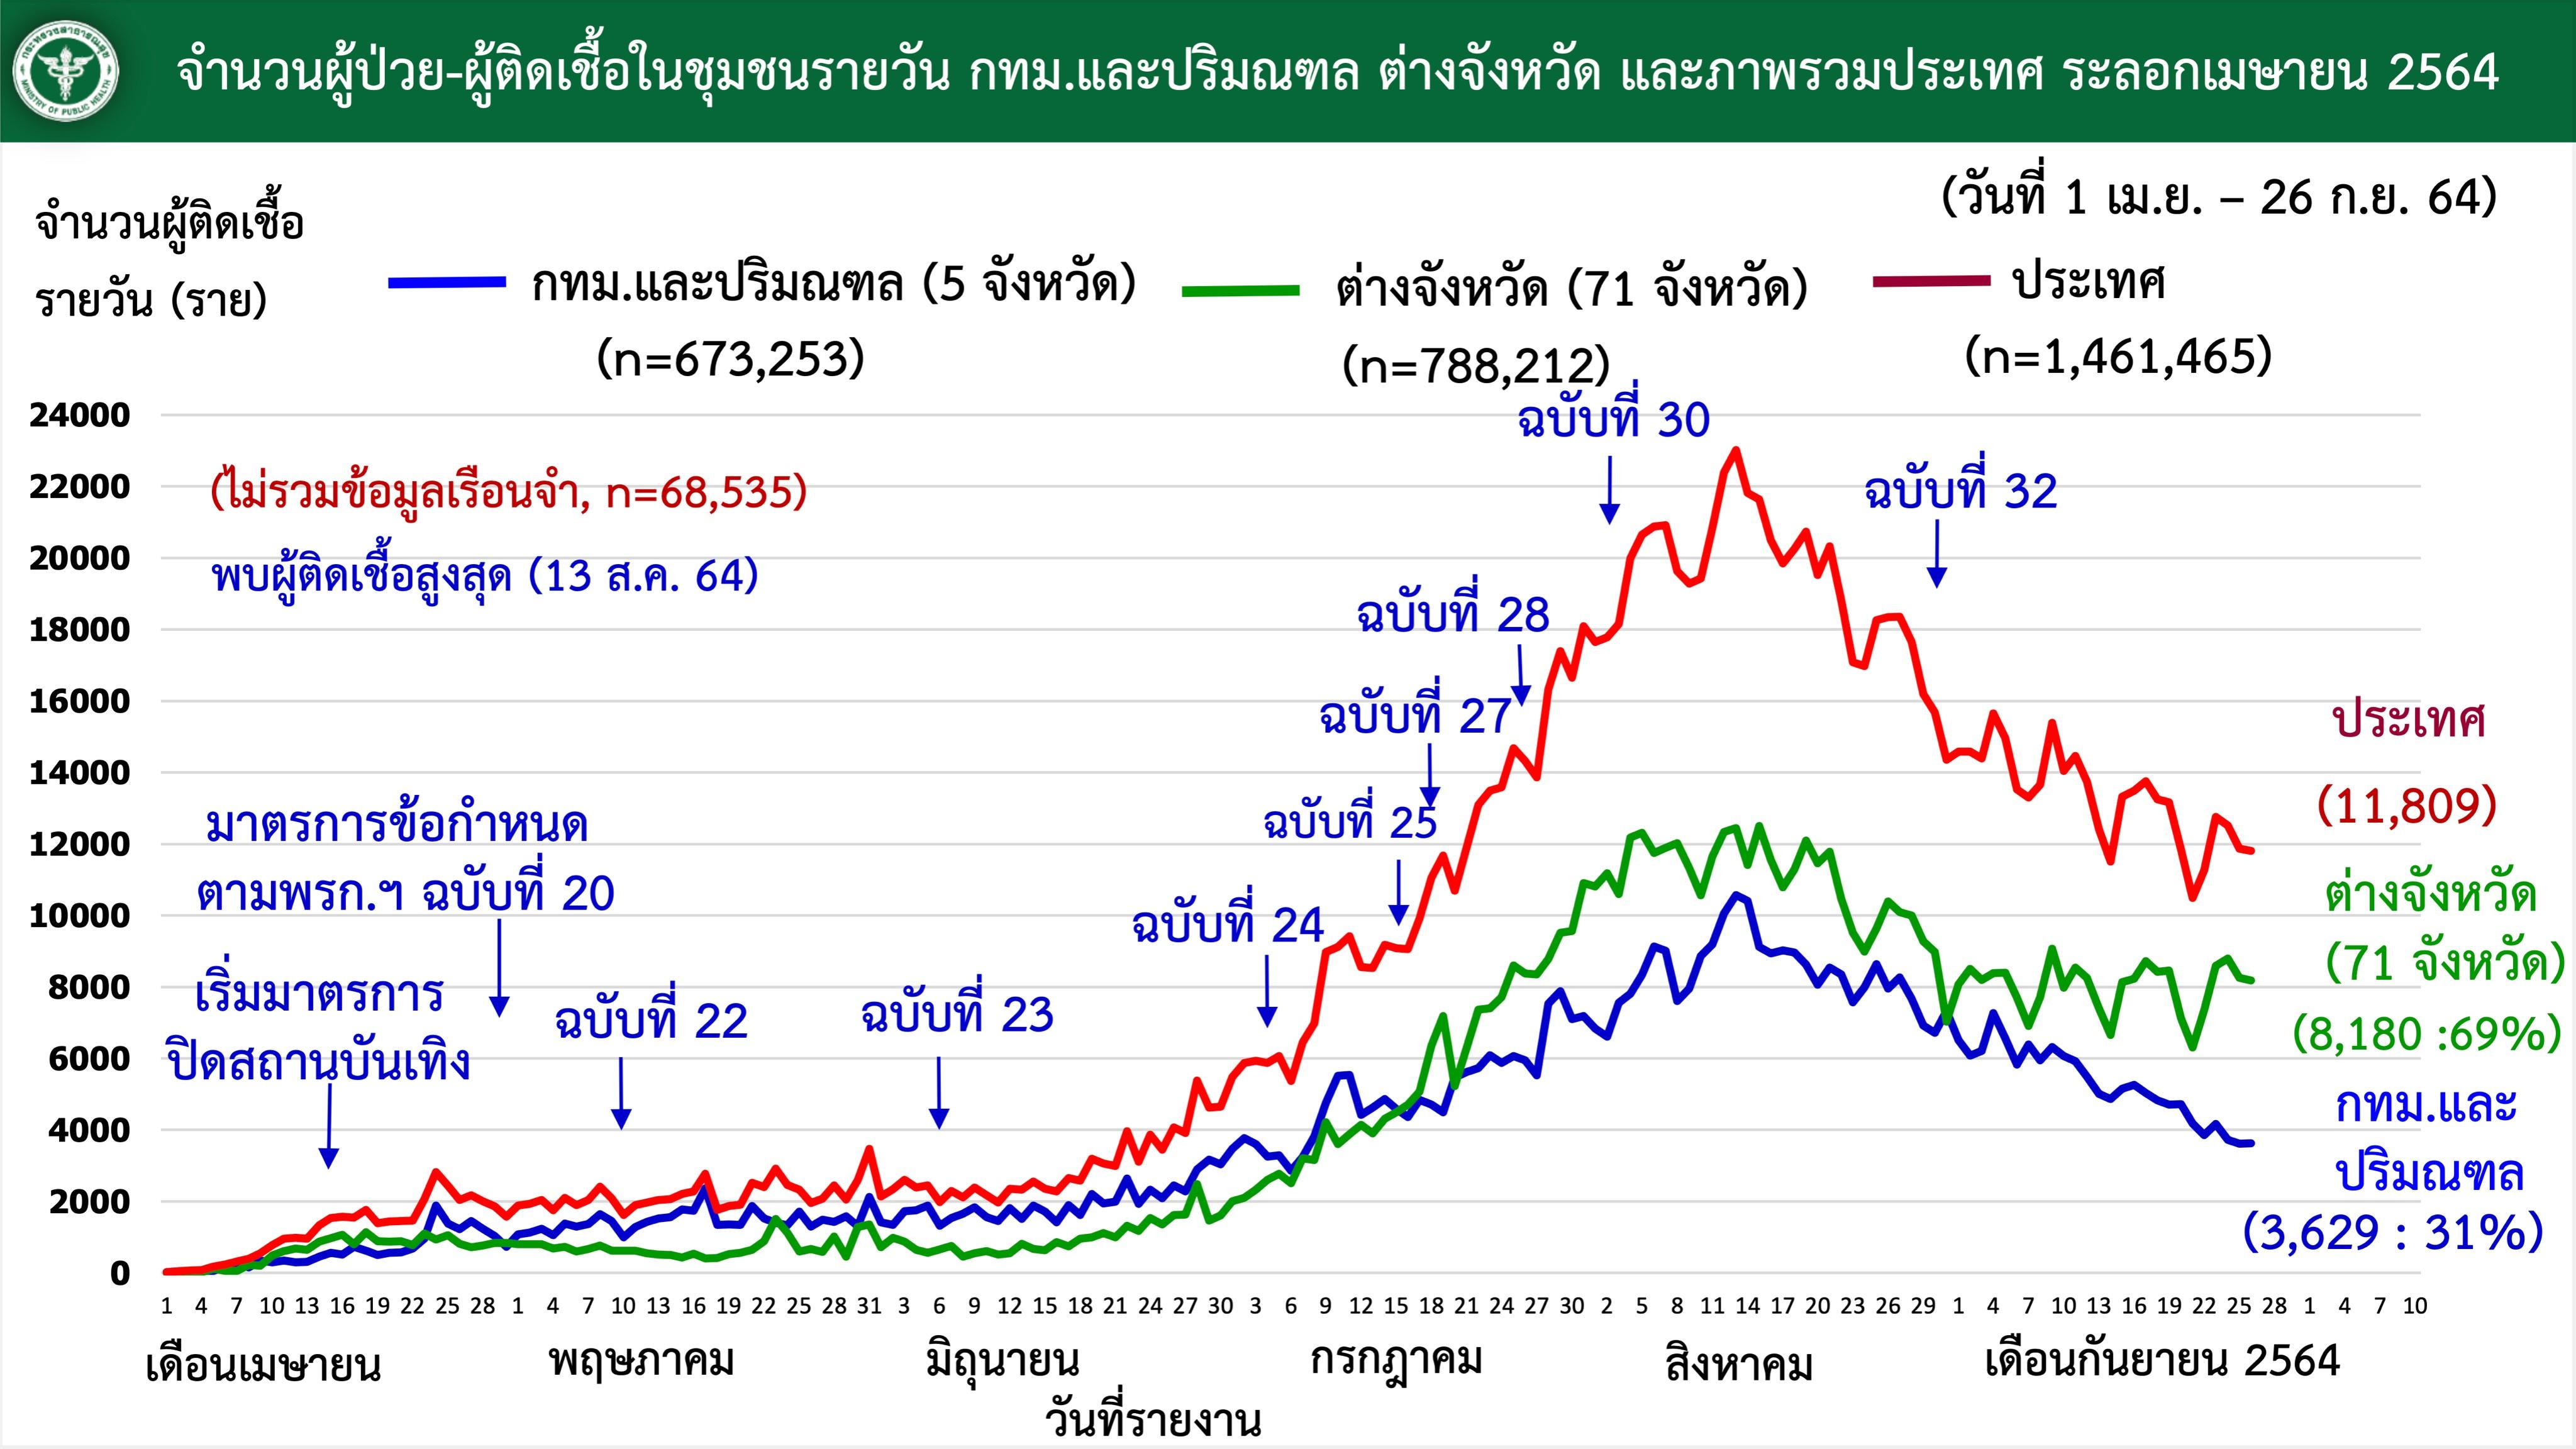 www.thaiguide.dk/images/forum/covid19/smitte%20bangkok%20resten%20over%20tiden%2026-09-21.jpeg